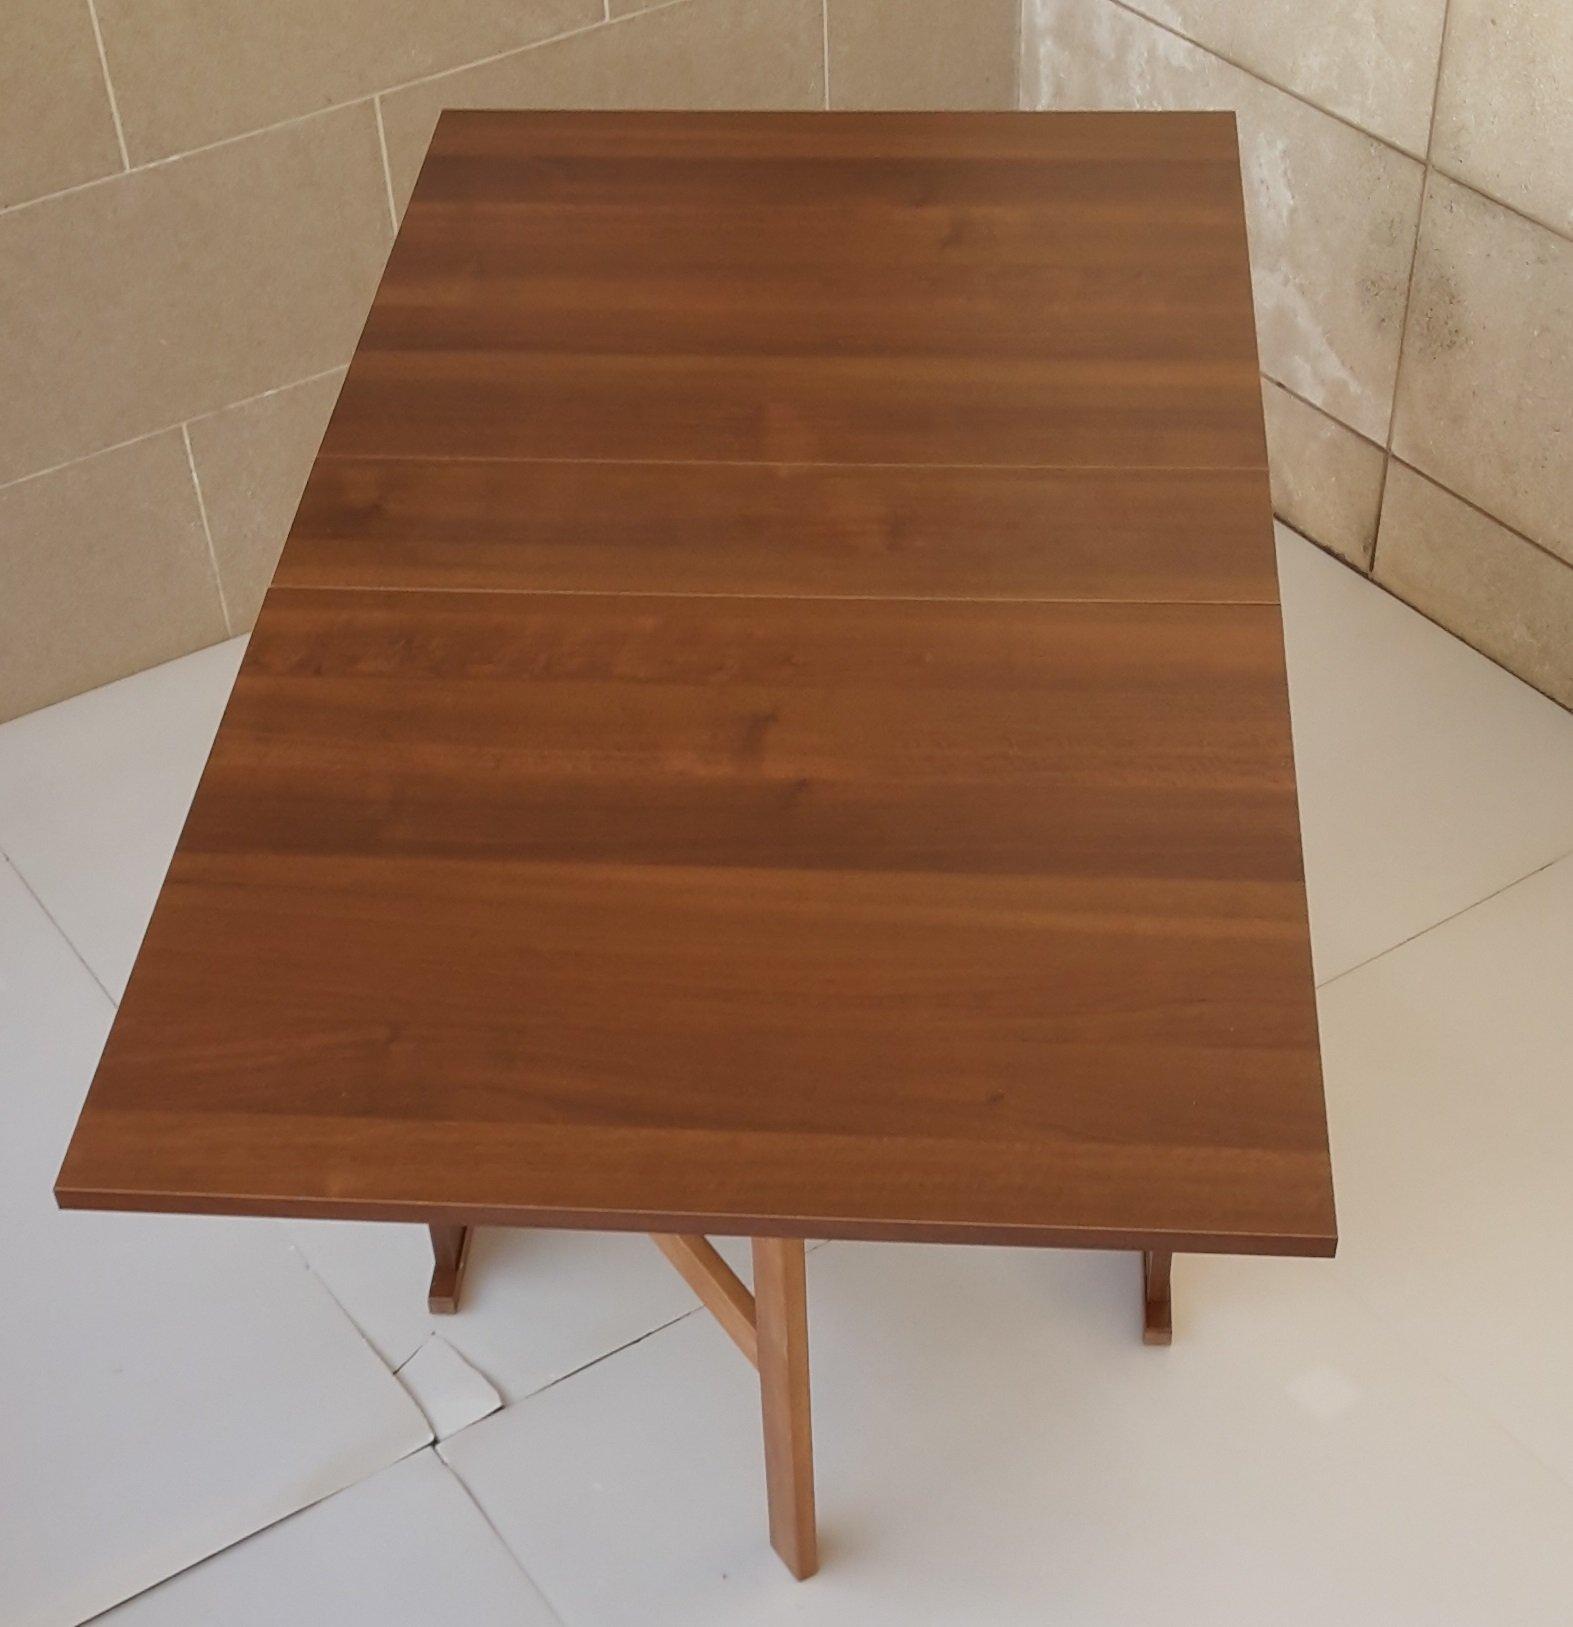 Frams tavolo susanna a consolle richiudibile noce - Tavolo richiudibile ...